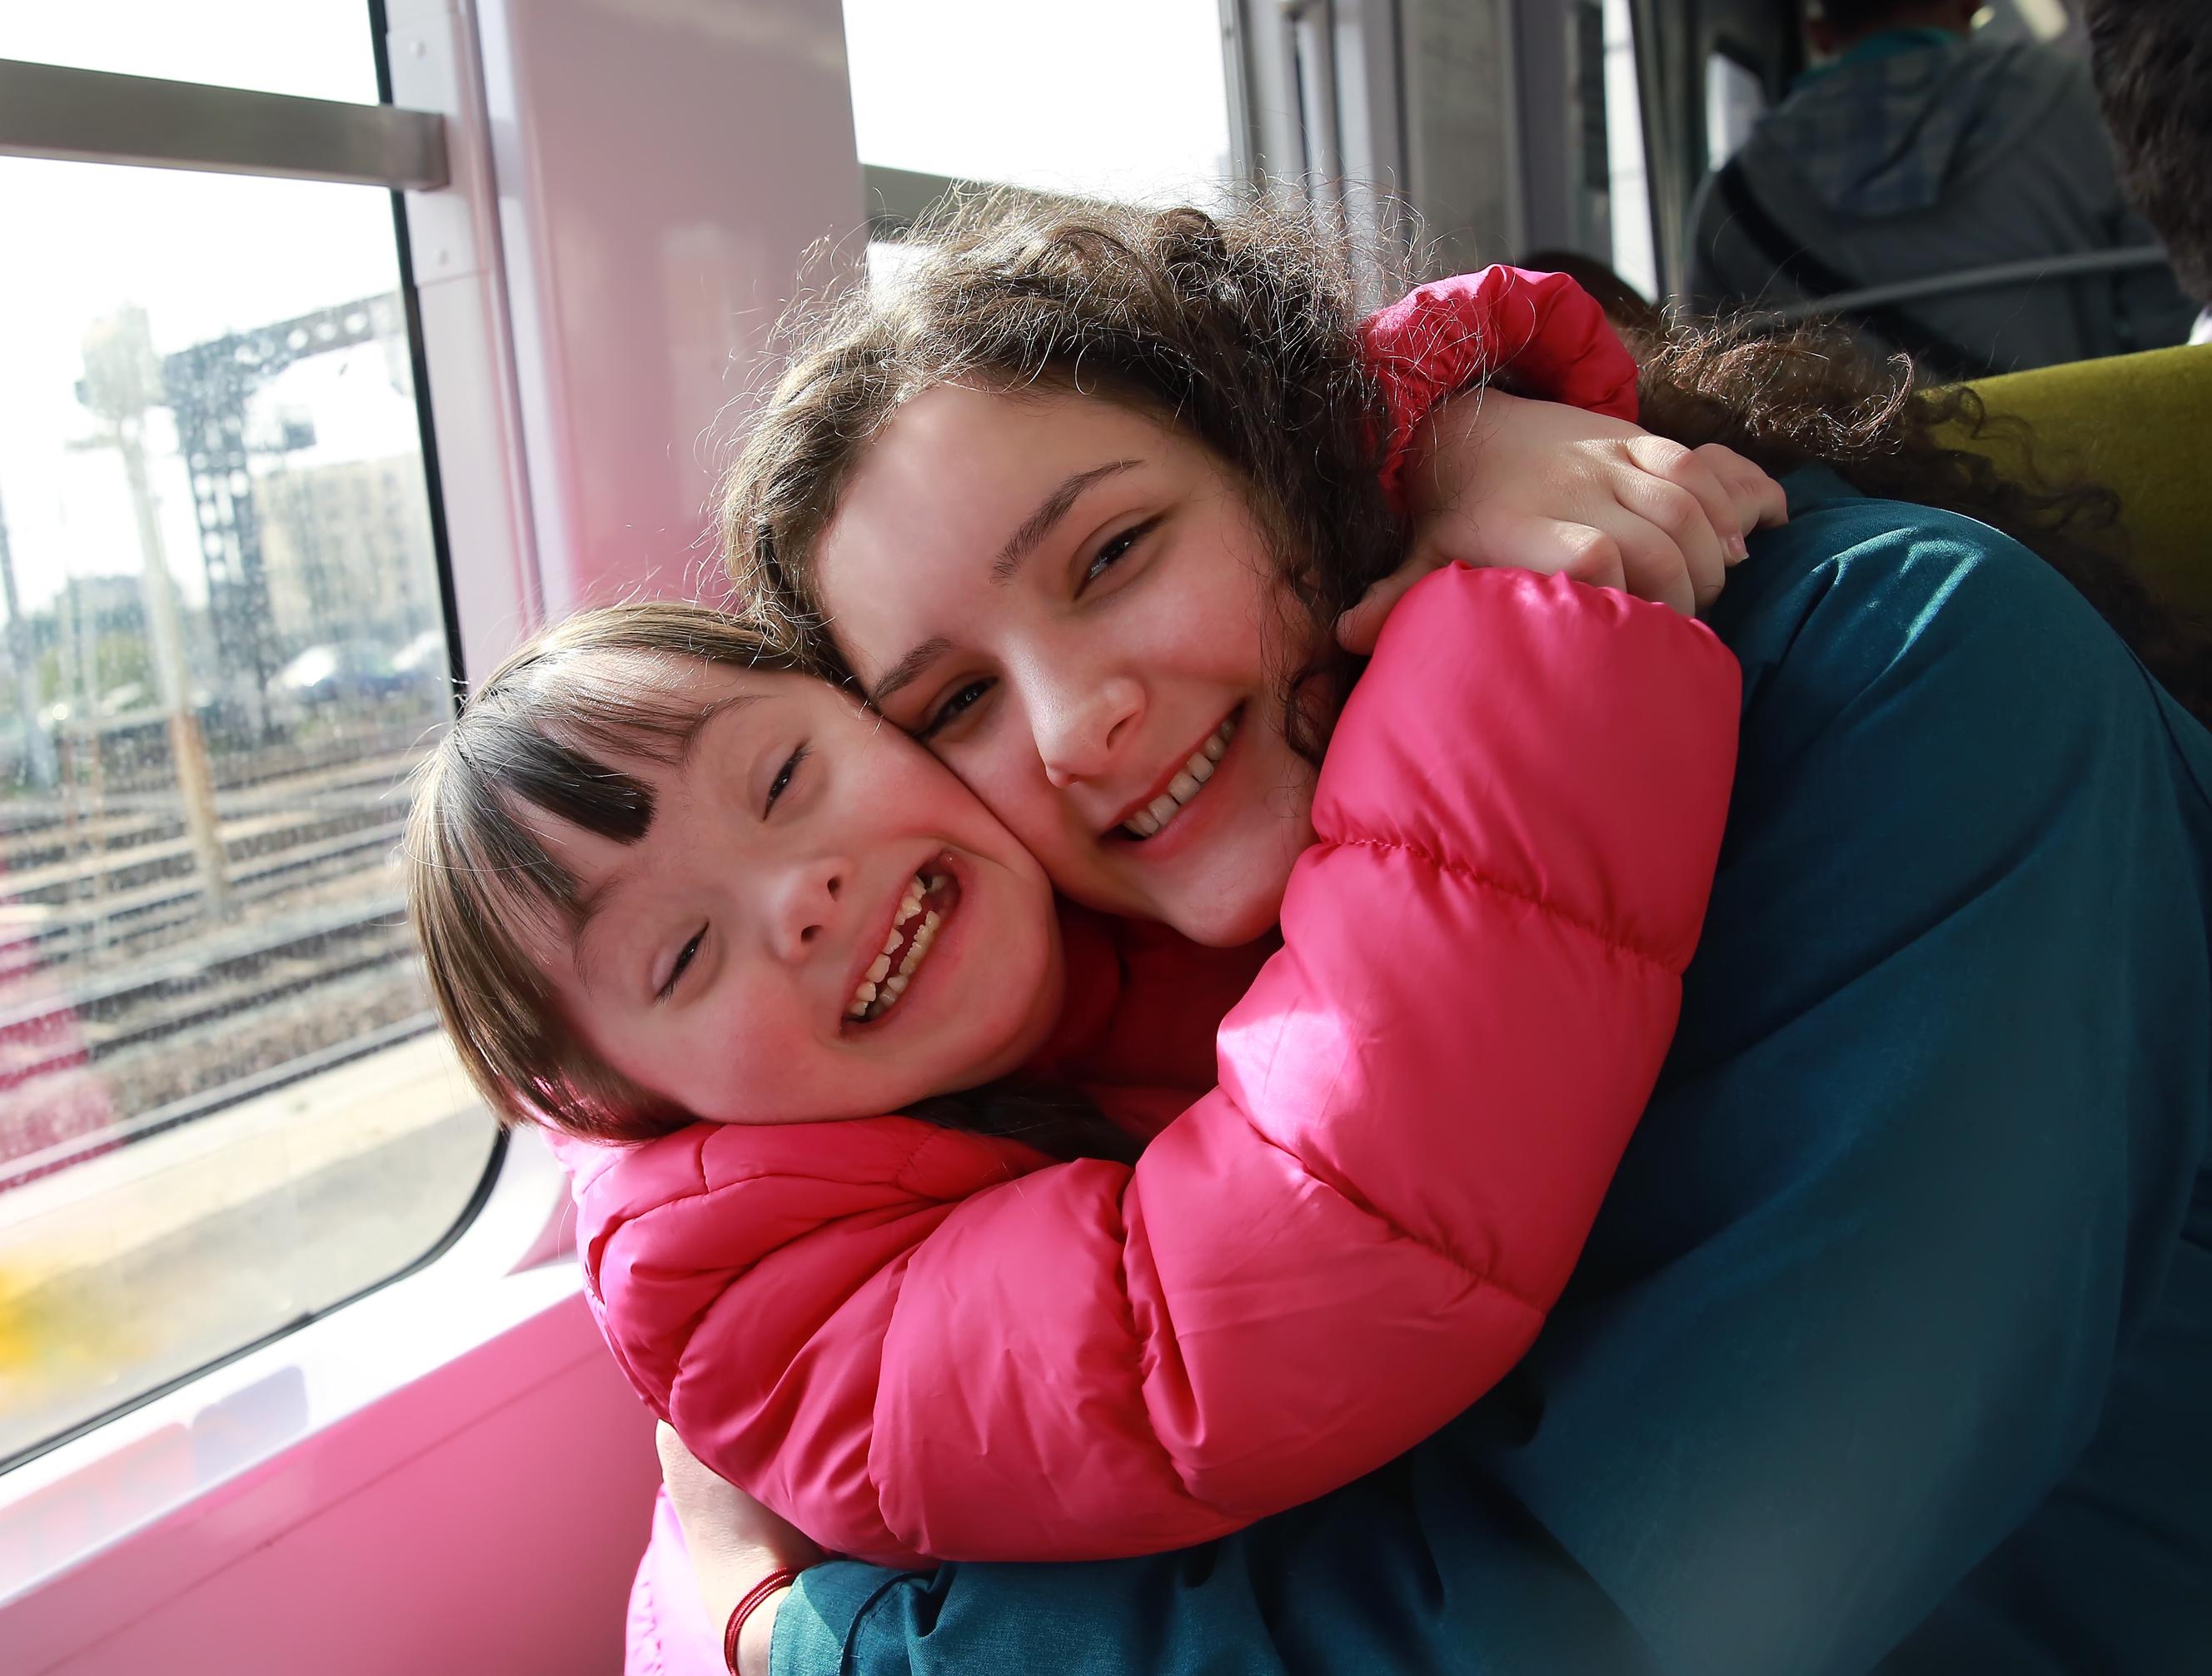 Personer med Downs syndrom är individer och bara för att man har Downs syndrom betyder inte det att alla med Downs syndrom är likadana.